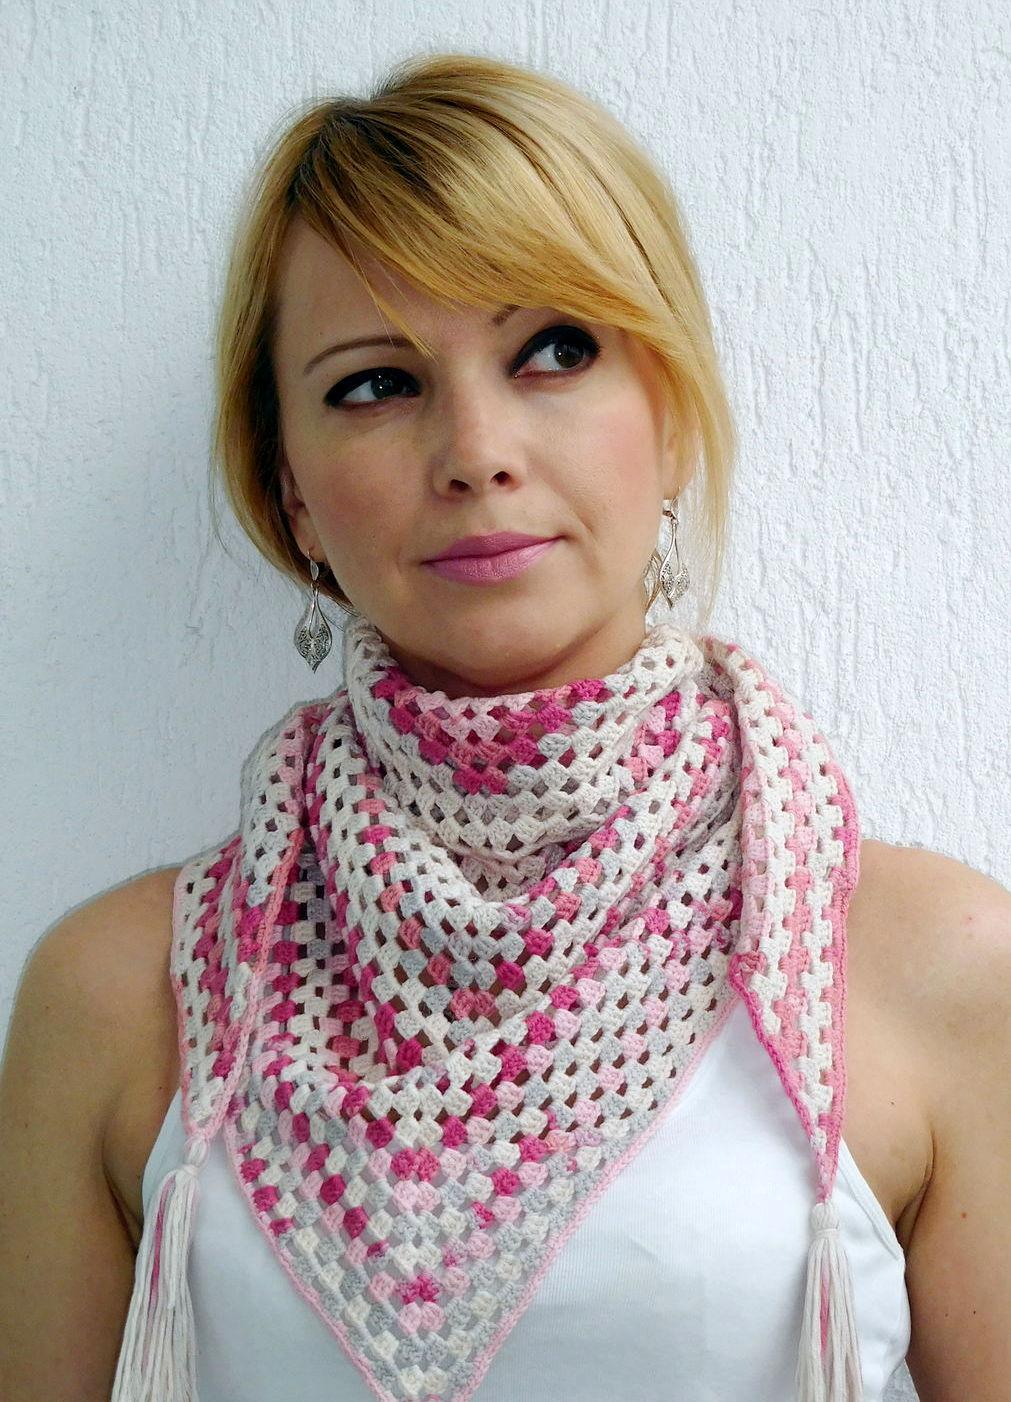 шарф бактус 33 фото как называется треугольный шарф как носить